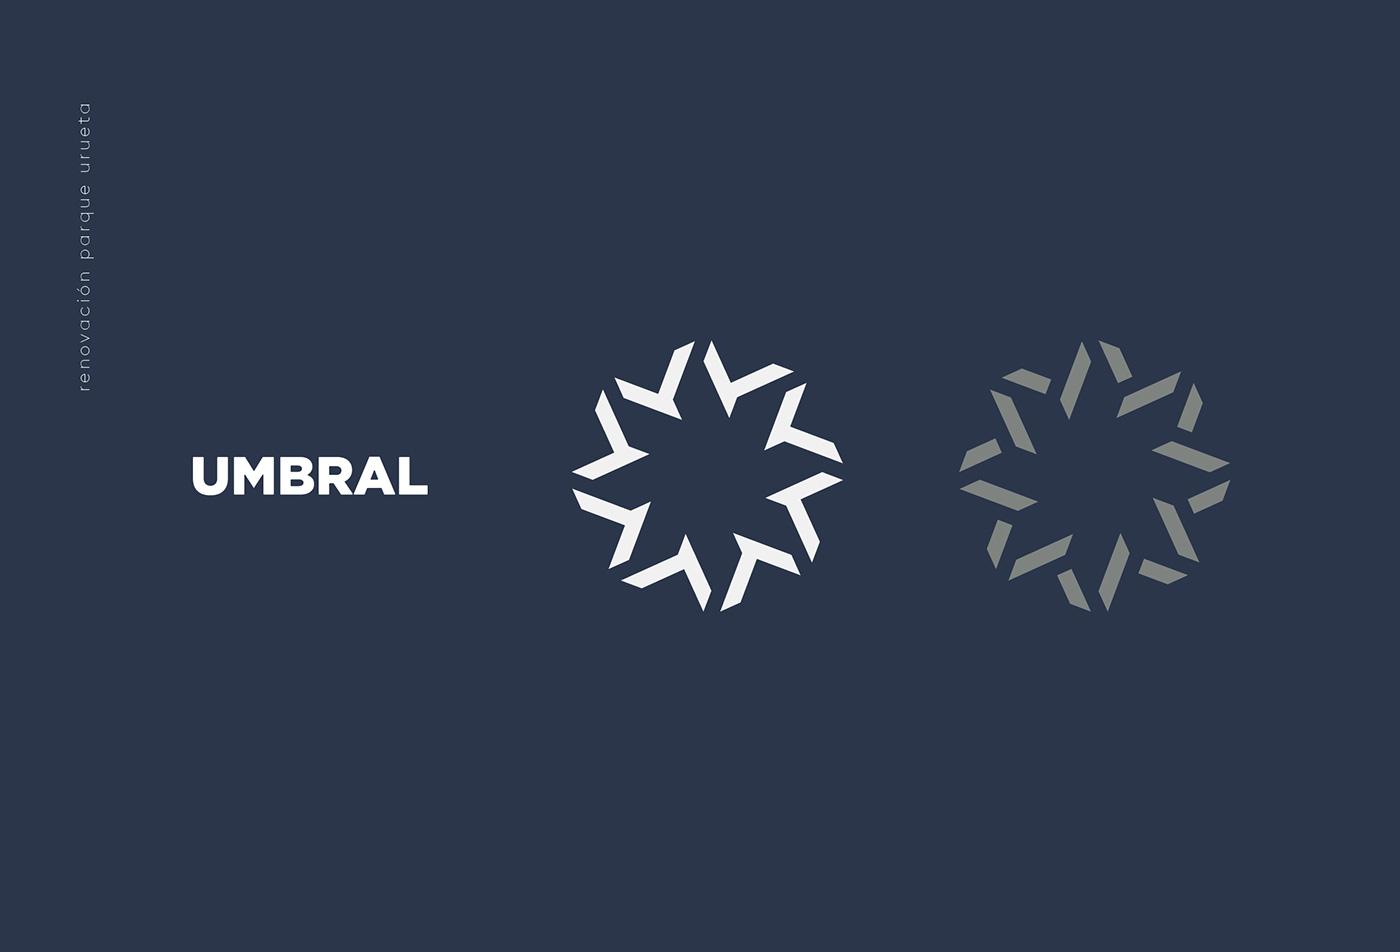 umbral Urueta Parque isad memela chihuahua cuu taller arquitectura rescate muertos Guadalajara monterrey PKMN CDMX